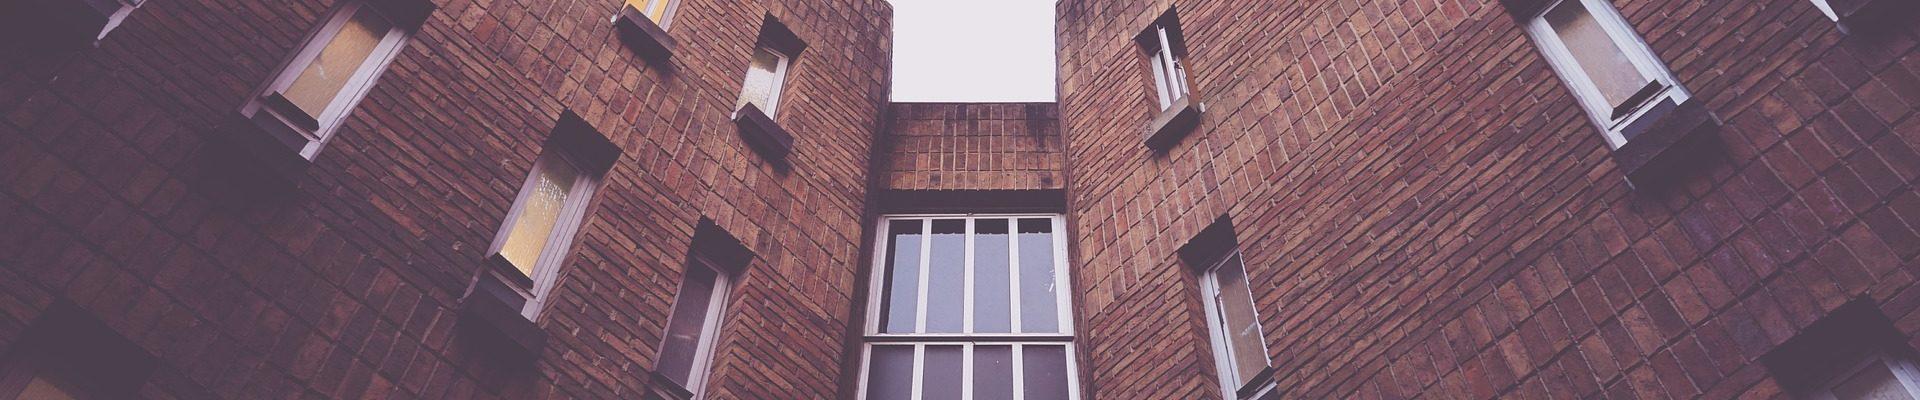 urban-1031304_1920